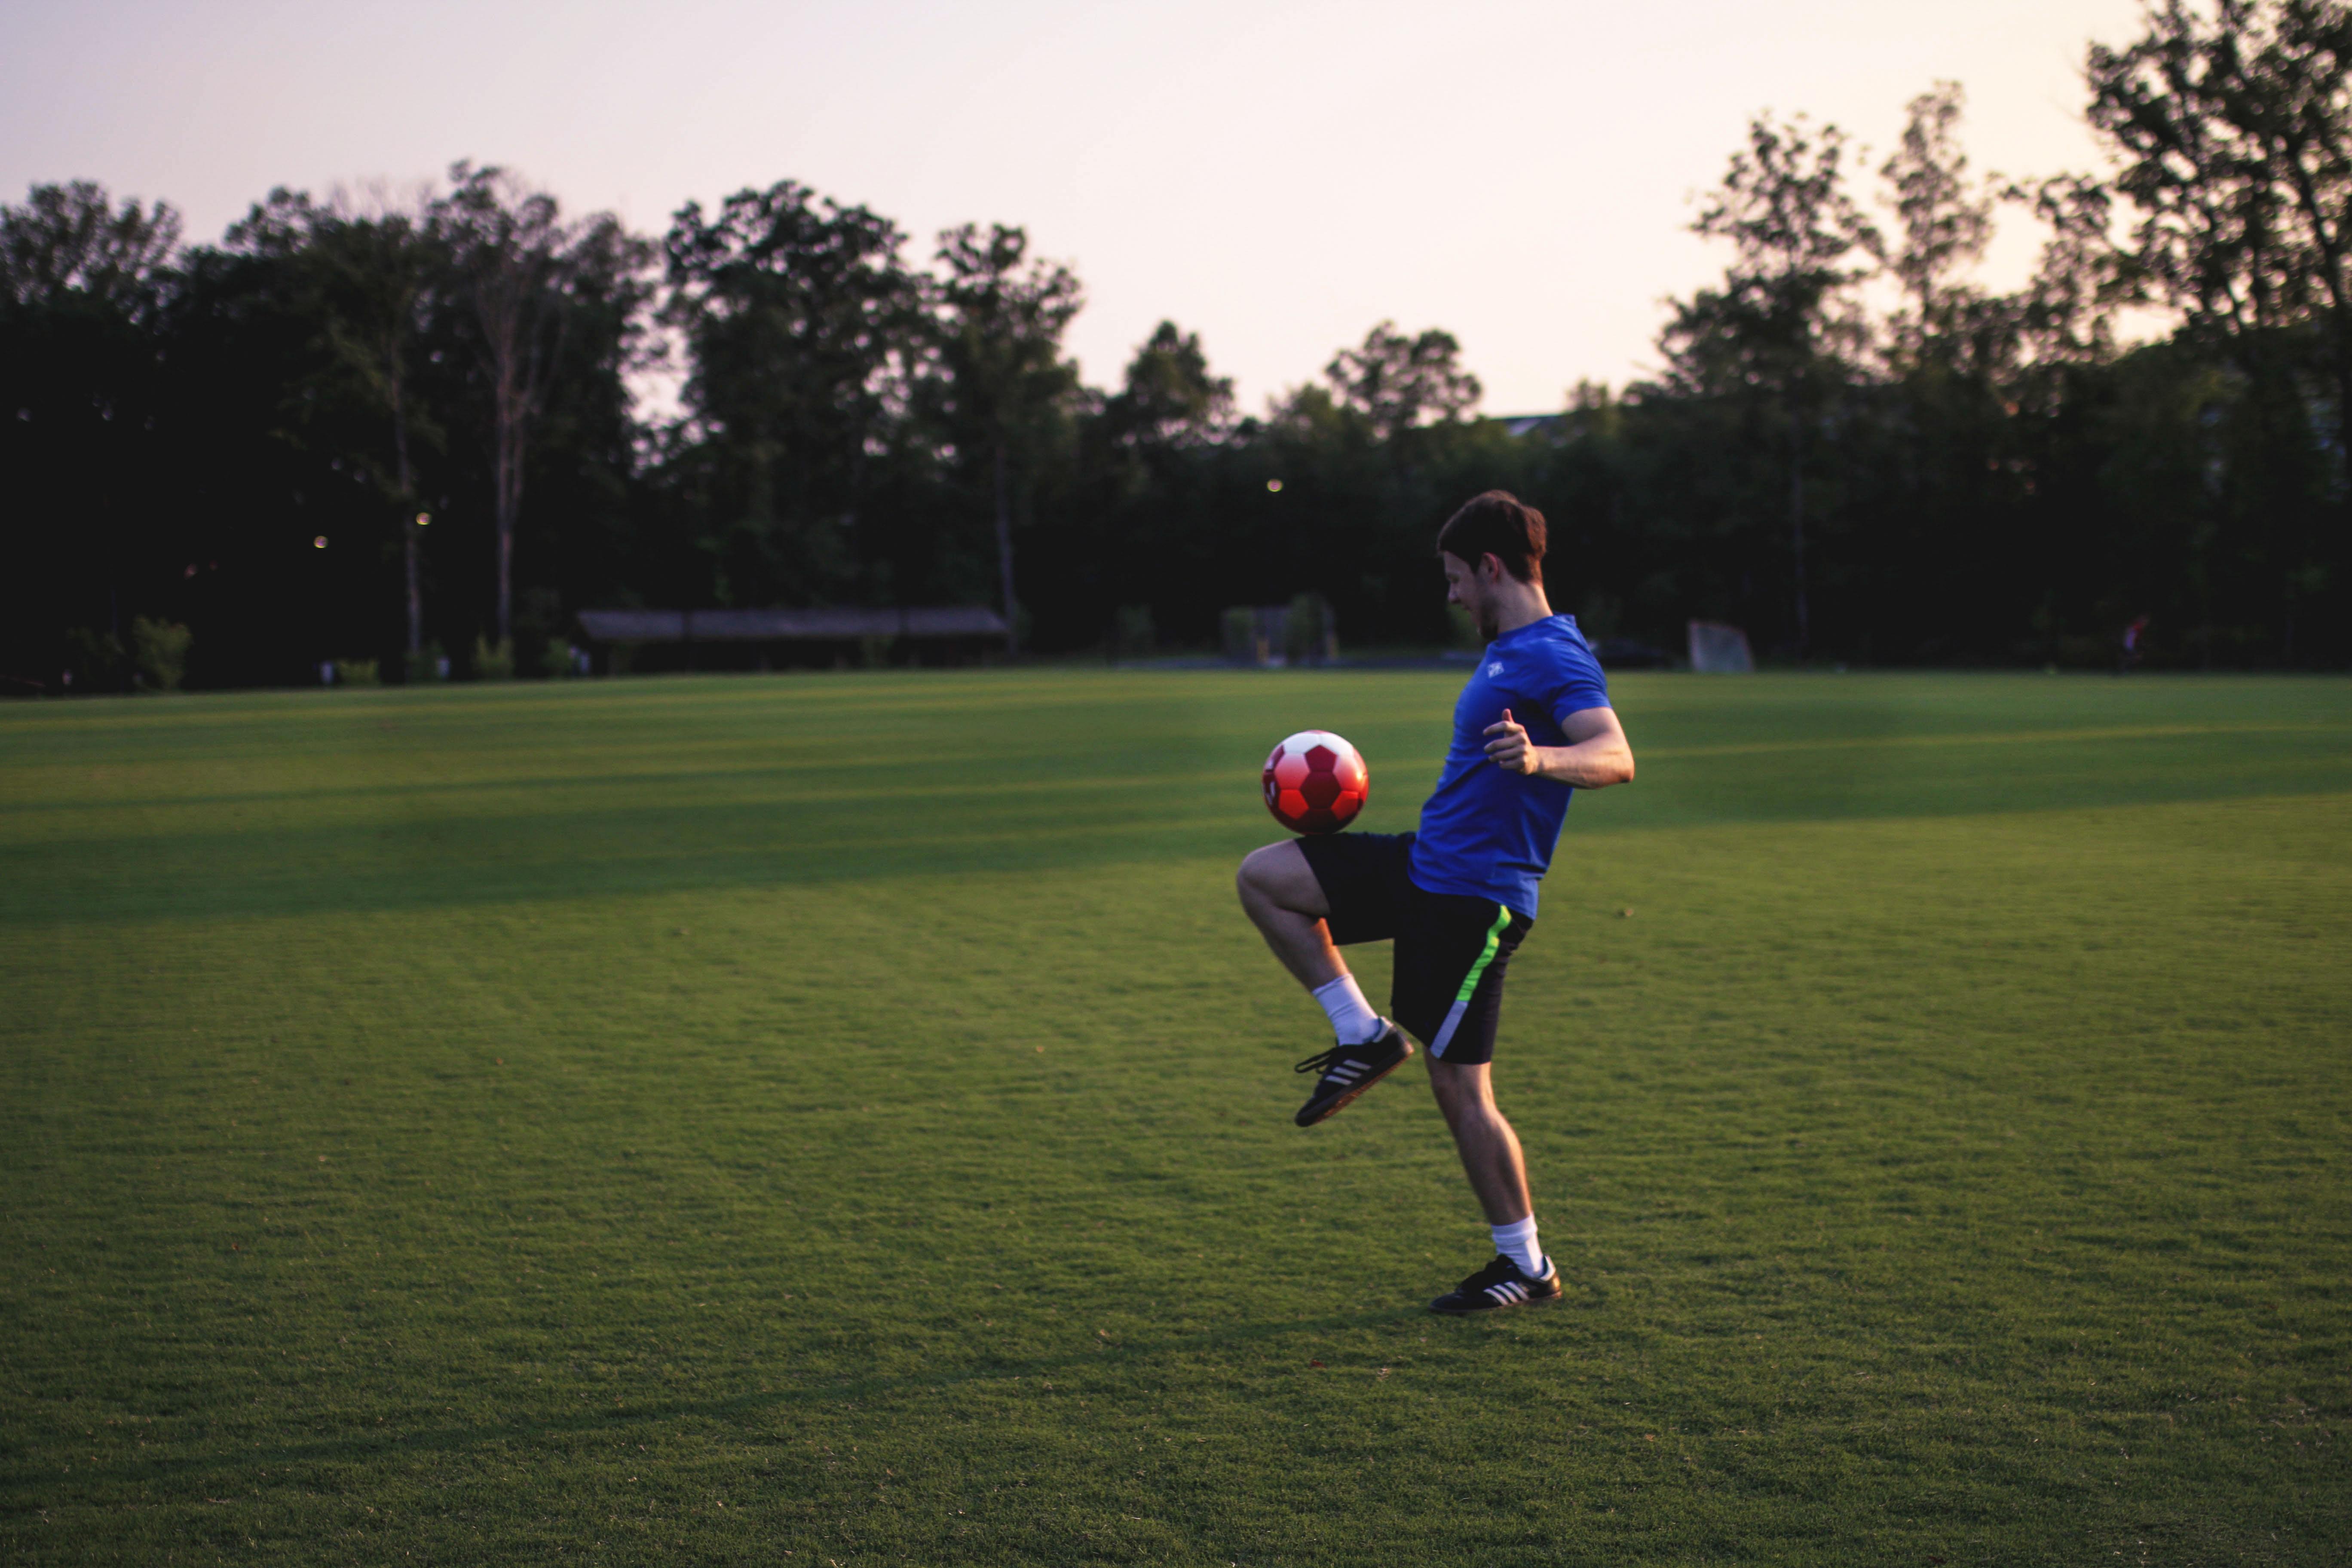 【夢占い】サッカーの夢は何のサイン?サッカーの夢の意味を解説